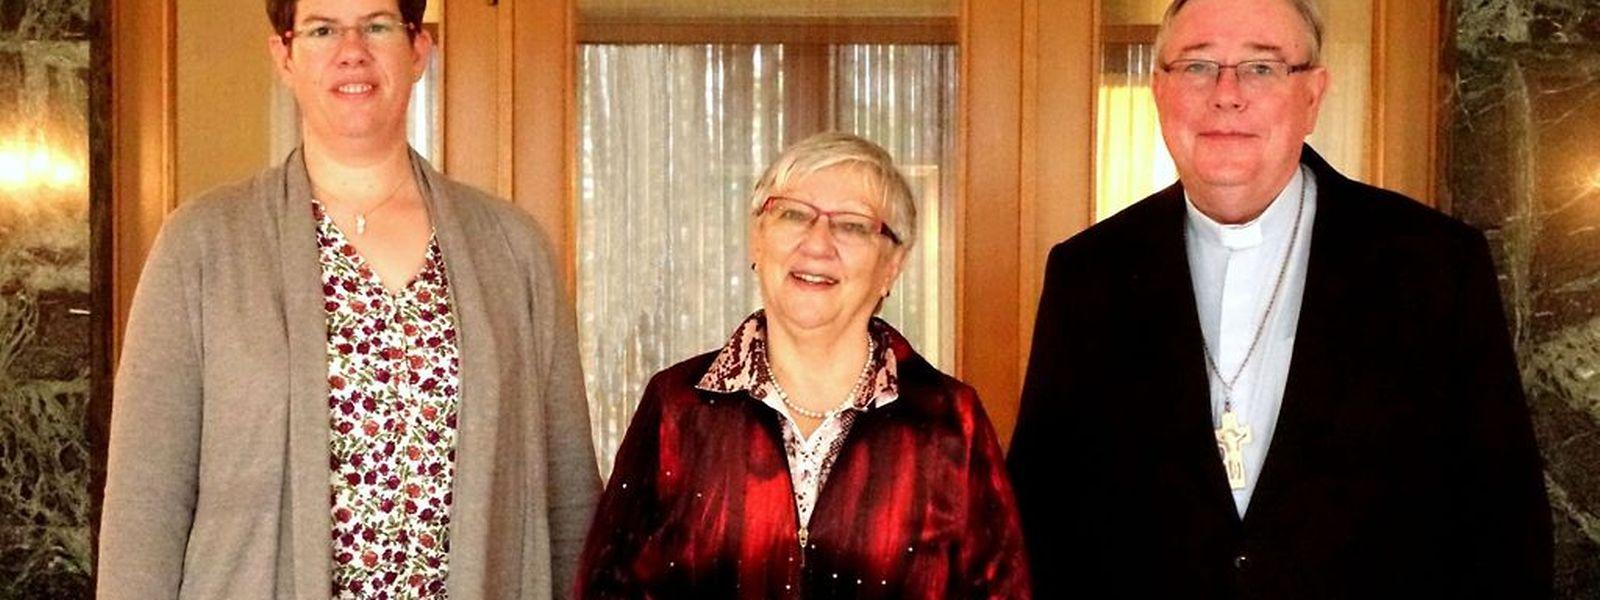 Martine Jungers (l.) übernimmt die Stelle von Yvonne Lanners. Erzbischof Jean-Claude Hollerich war bei der offiziellen Amtsübergabe dabei.